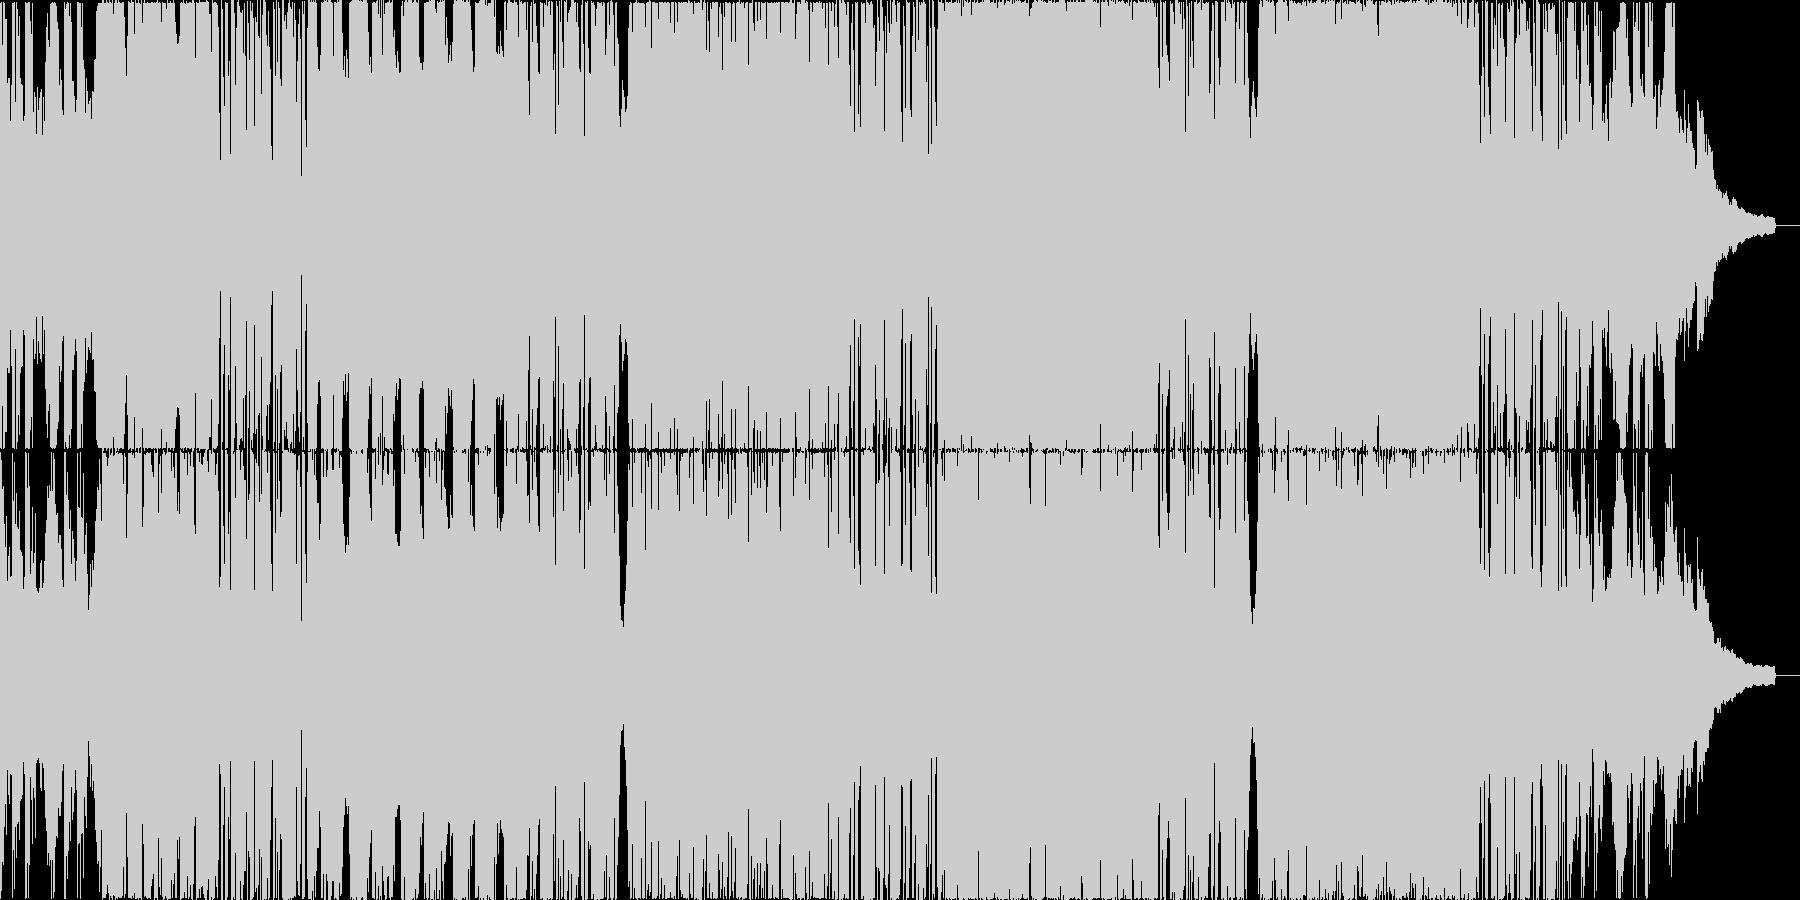 チルアウト系のEDMの未再生の波形